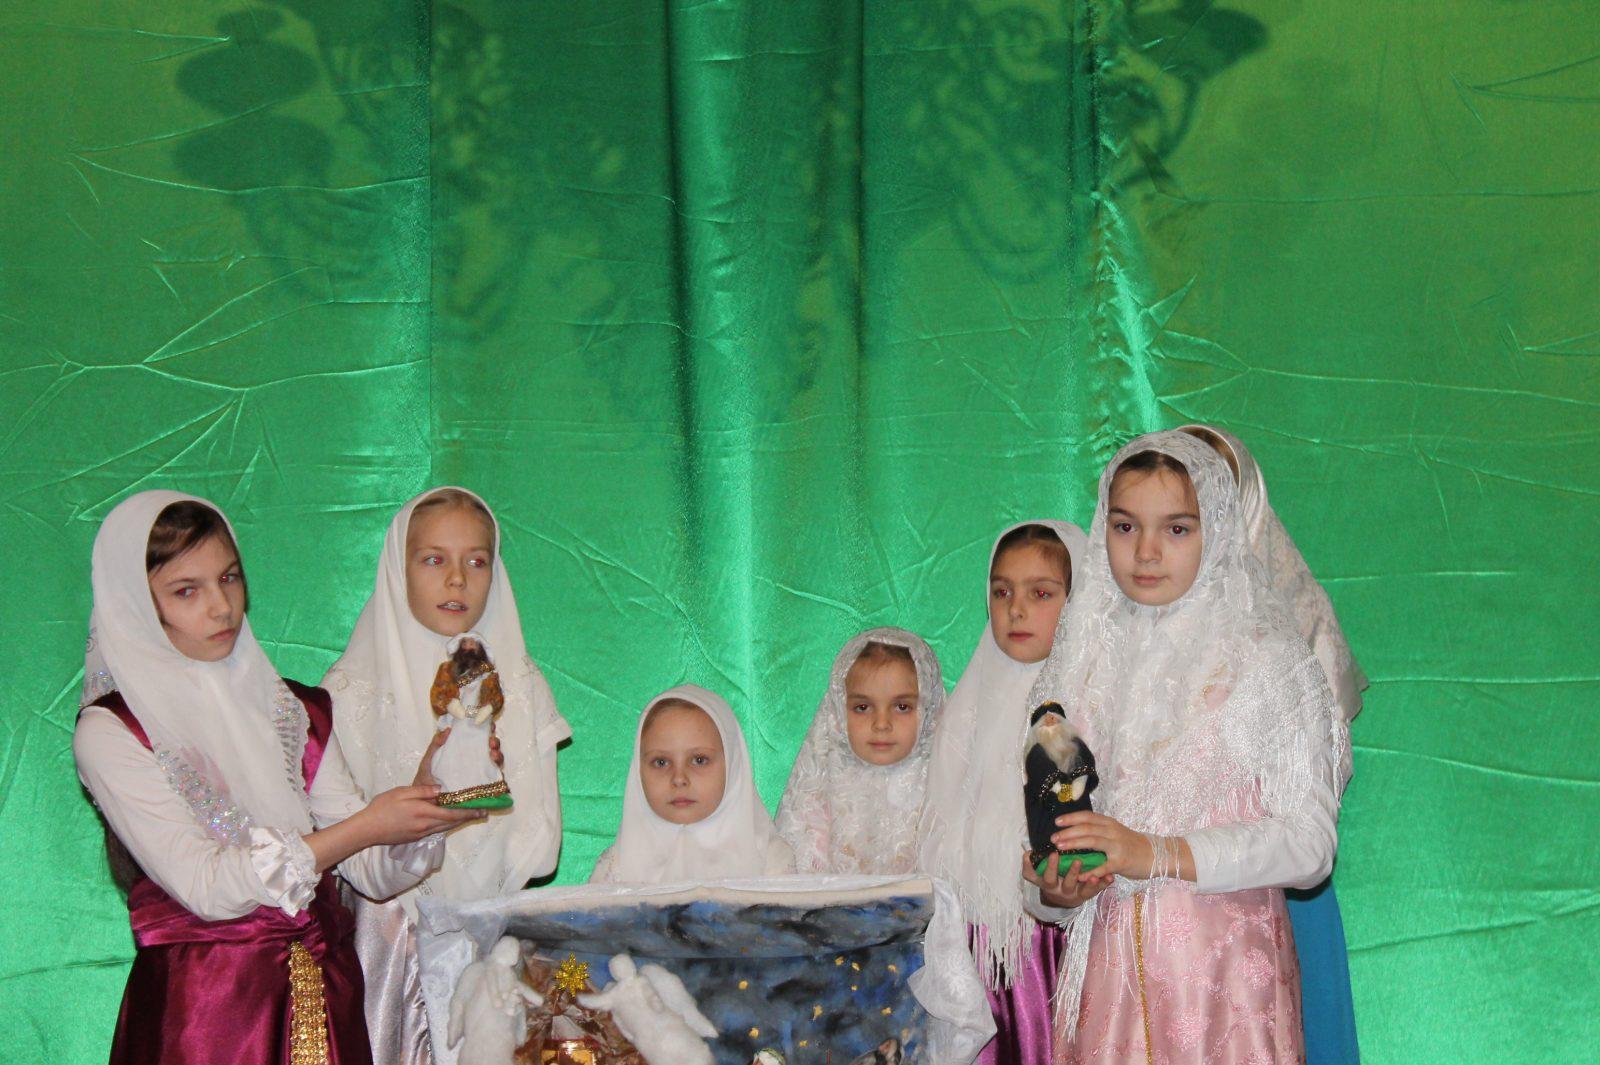 Гуслицкие рождественские встречи в Орехово-Зуеве